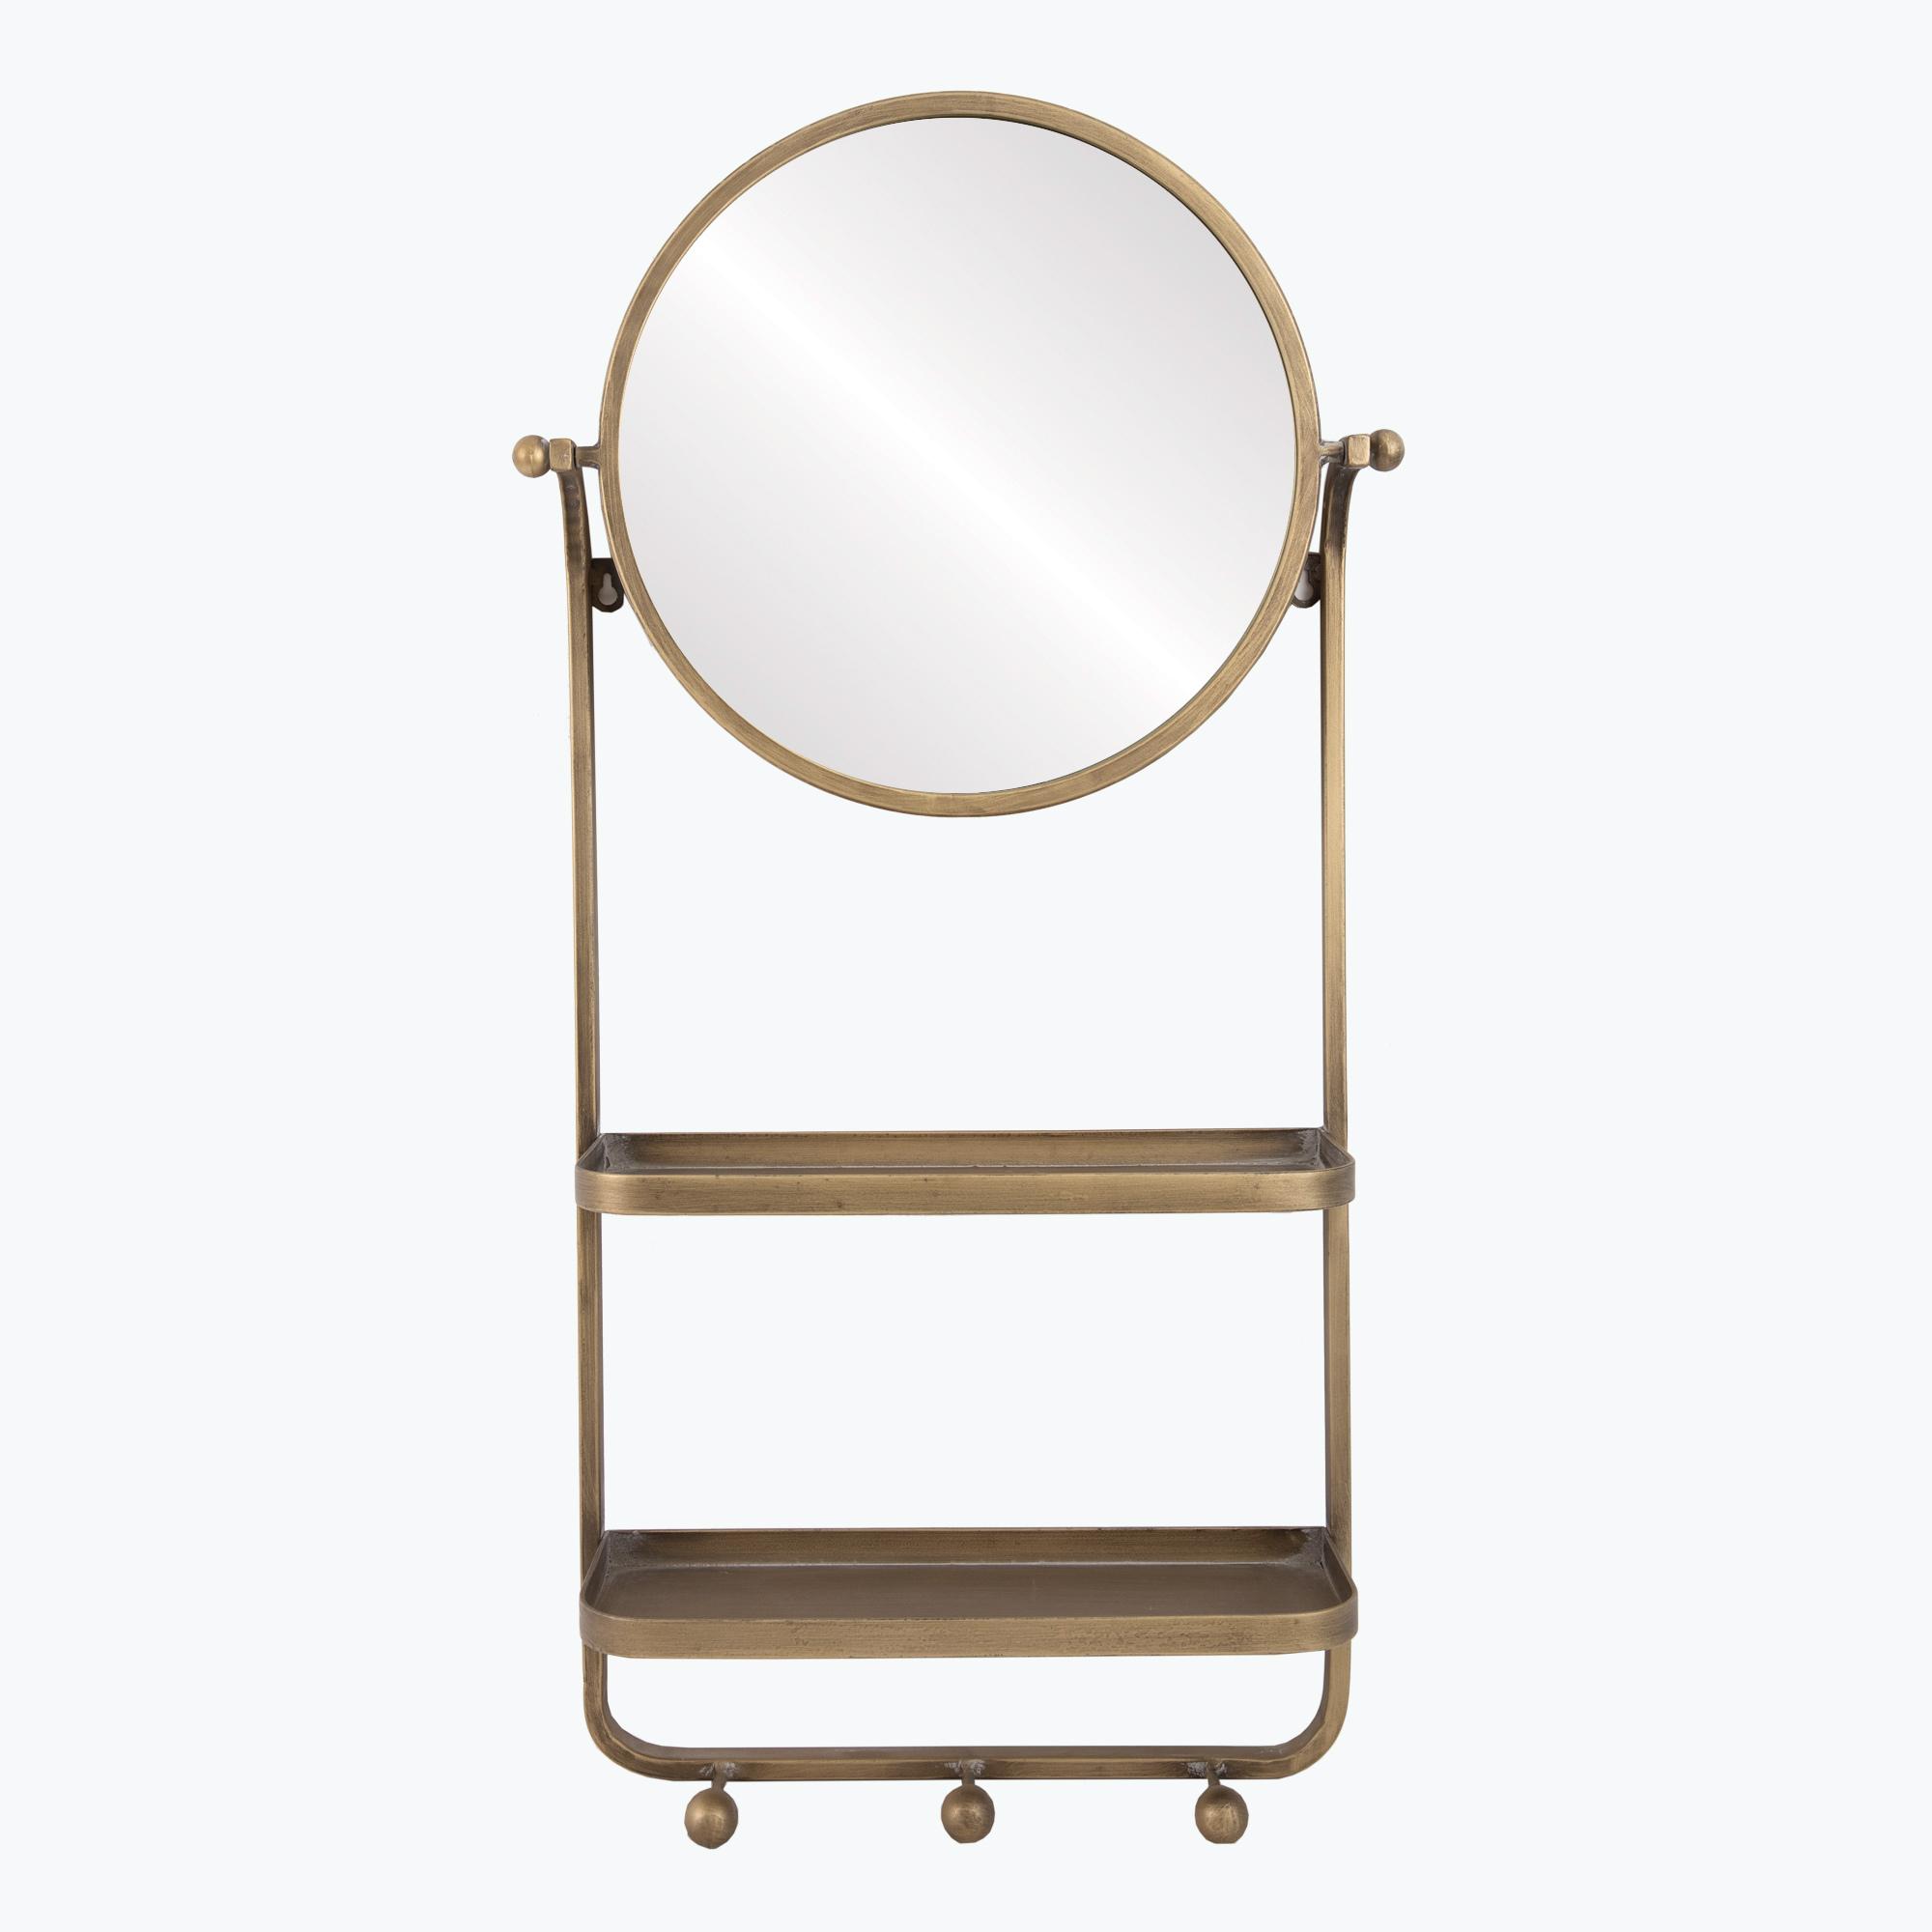 Belmond spegel m. hyllor och krokar